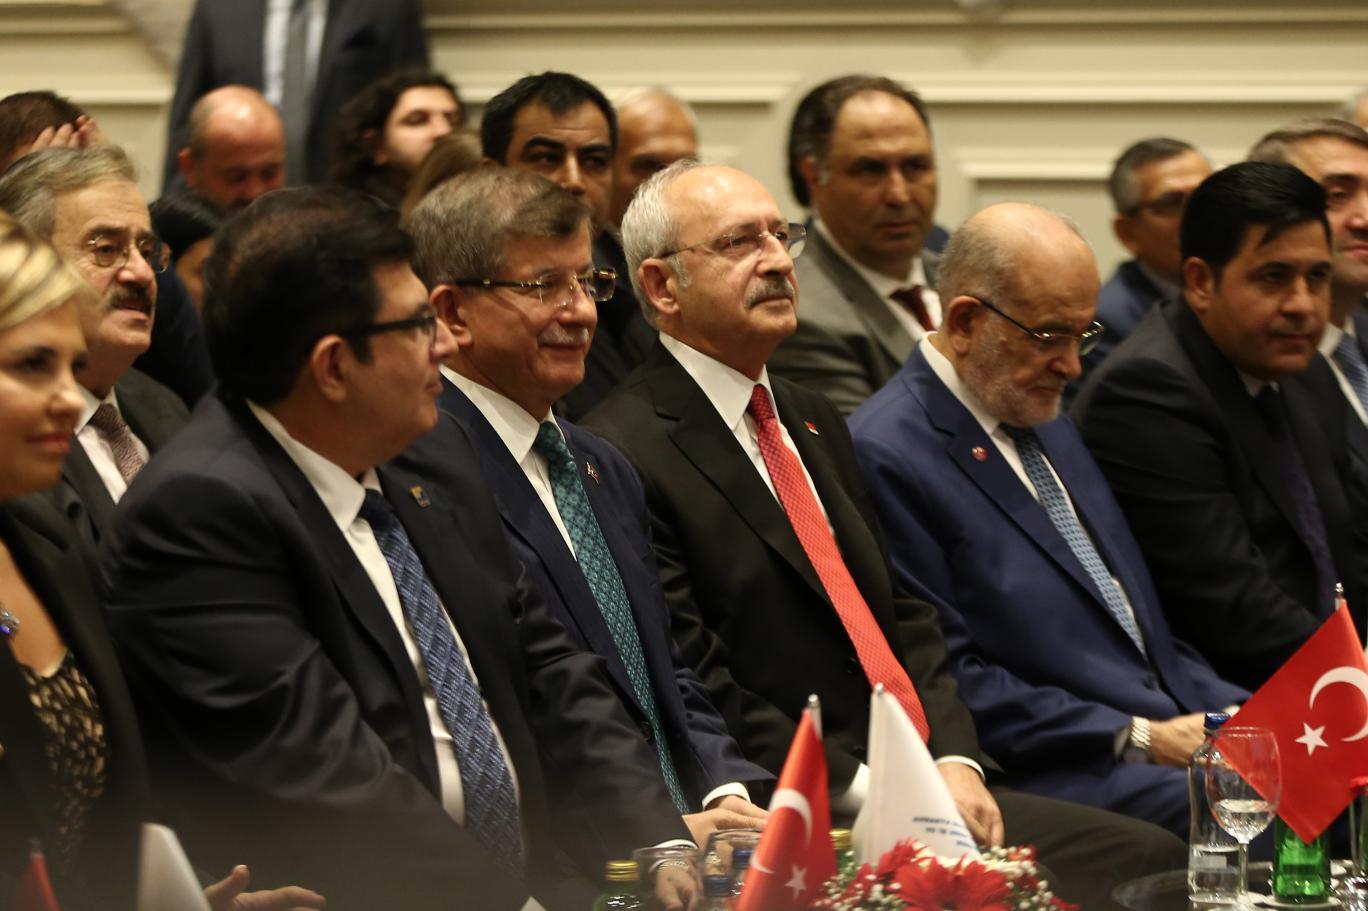 Kılıçdaroğlu, Karamollaoğlu ve Davutoğlu bir araya geldi | Independent Türkçe